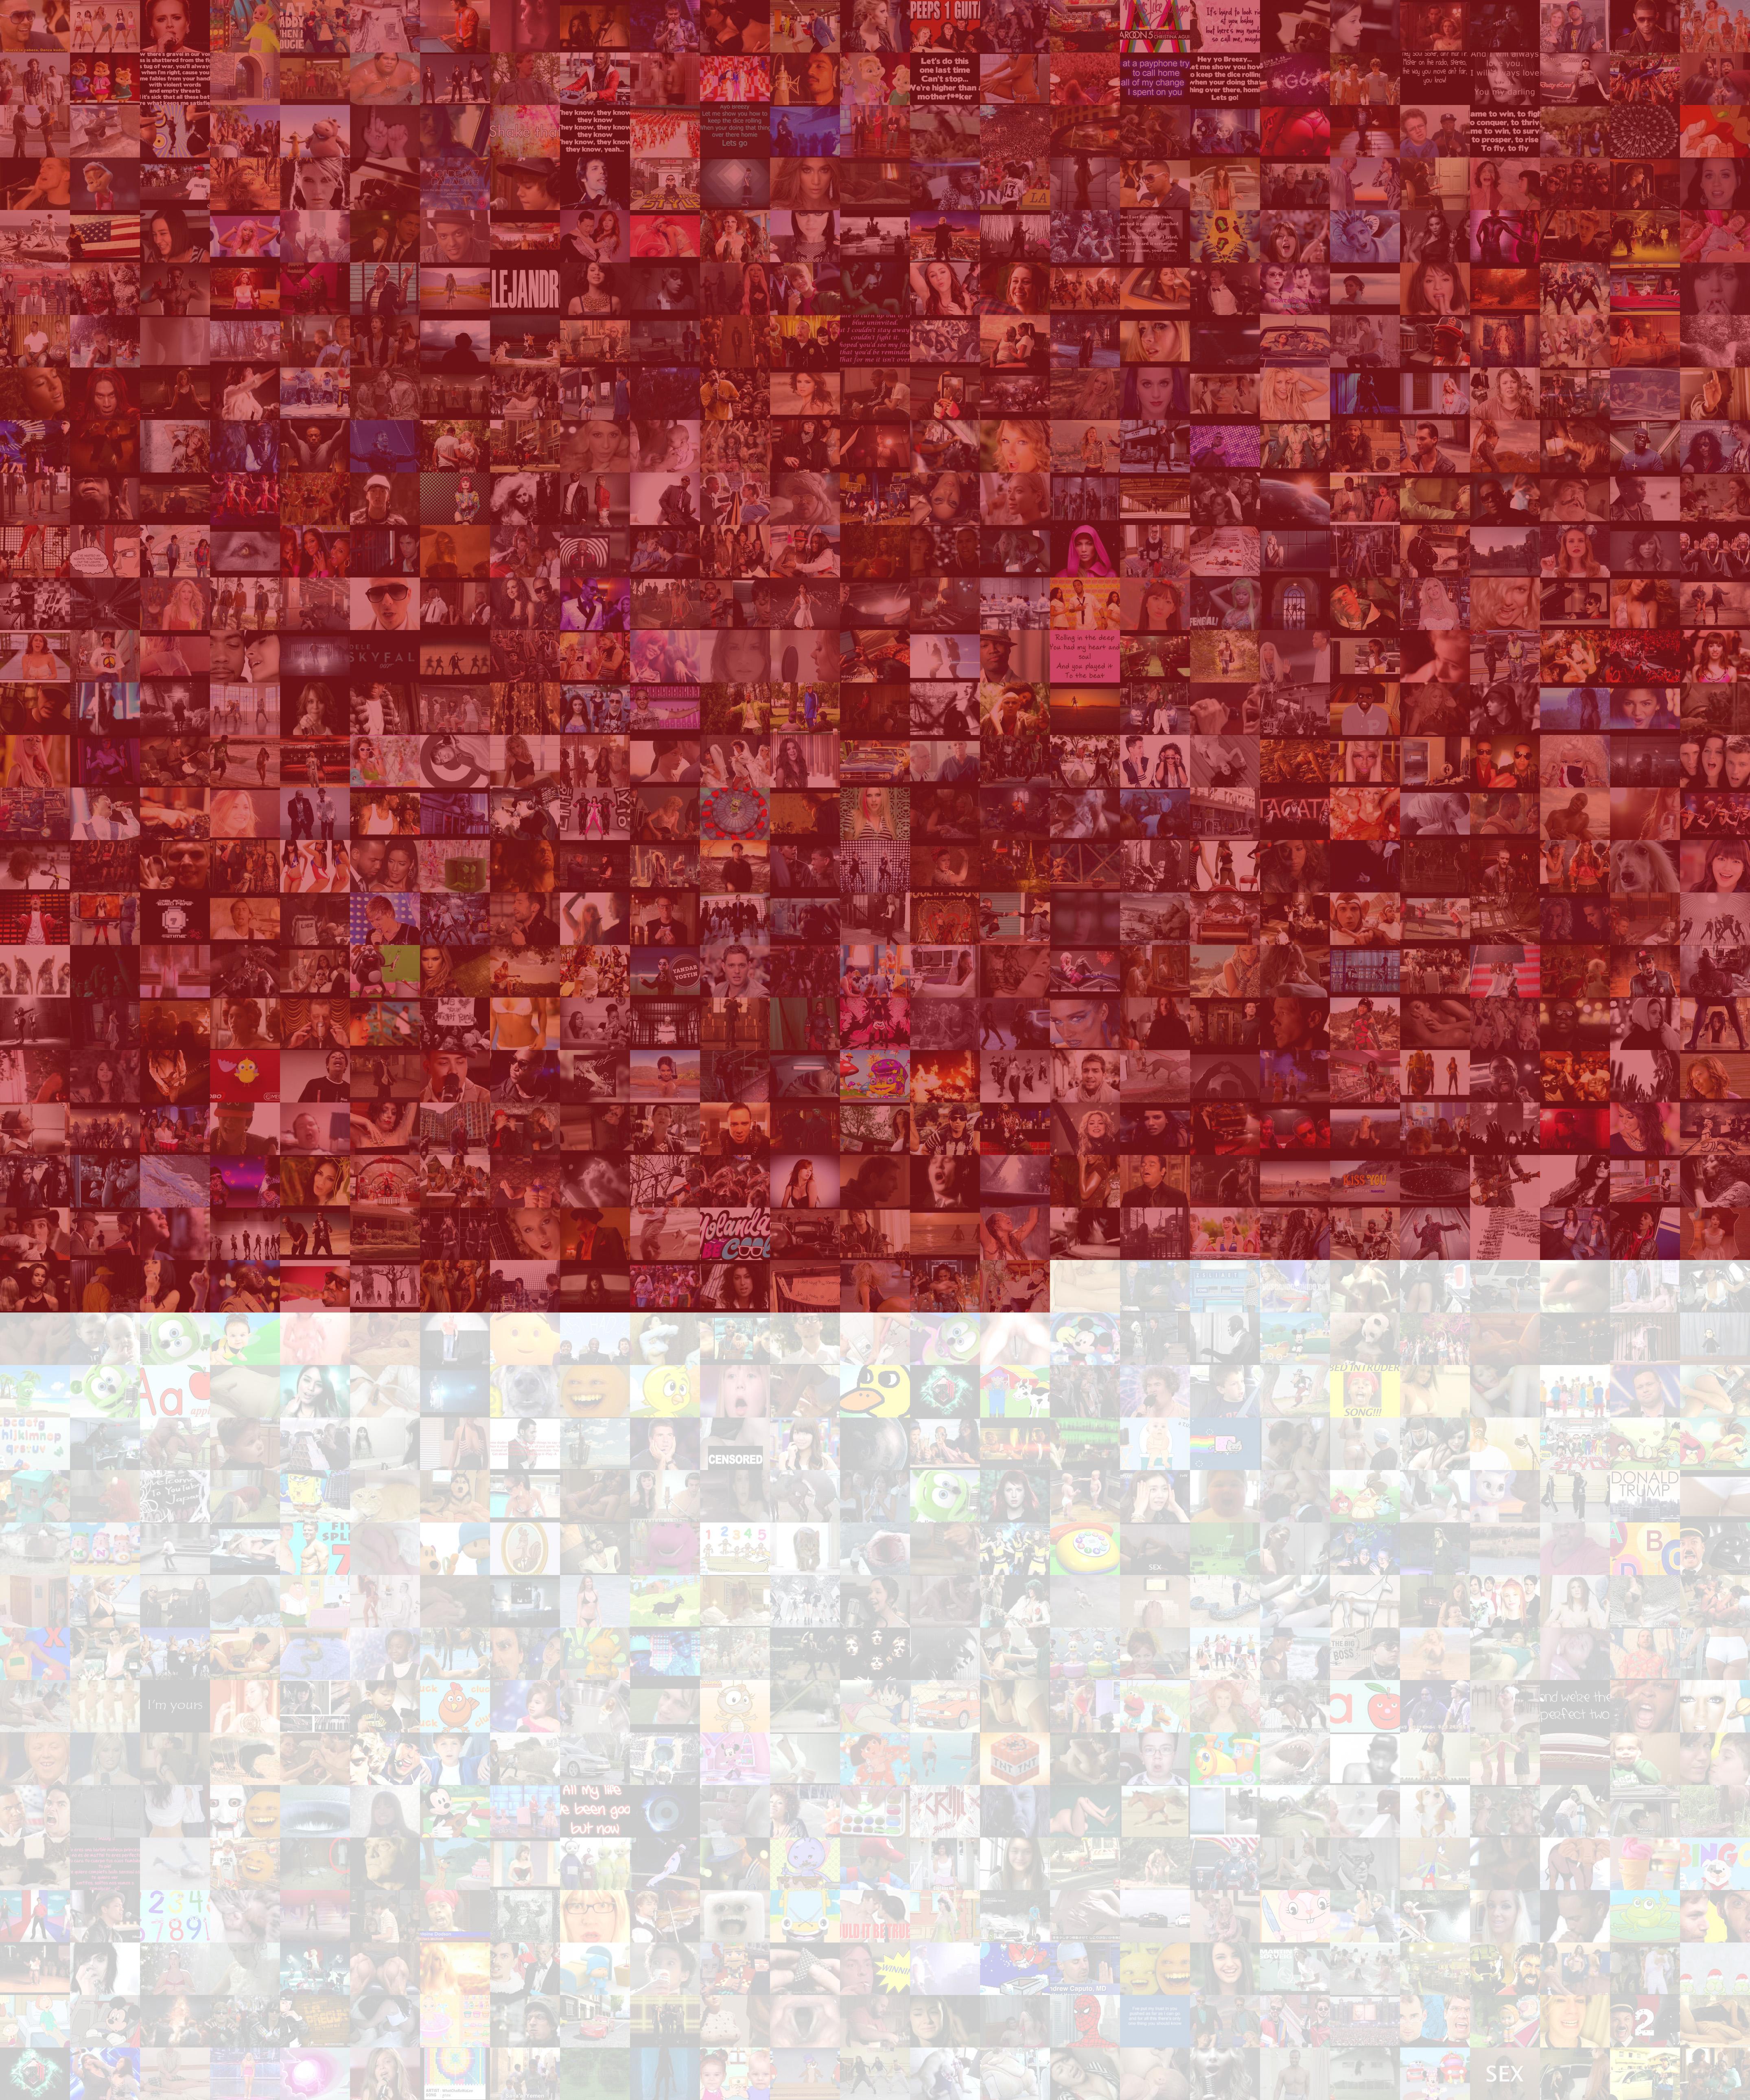 Alle in Deutschland gesperrte Top-1000-Videos - CC:by OpenDataCity